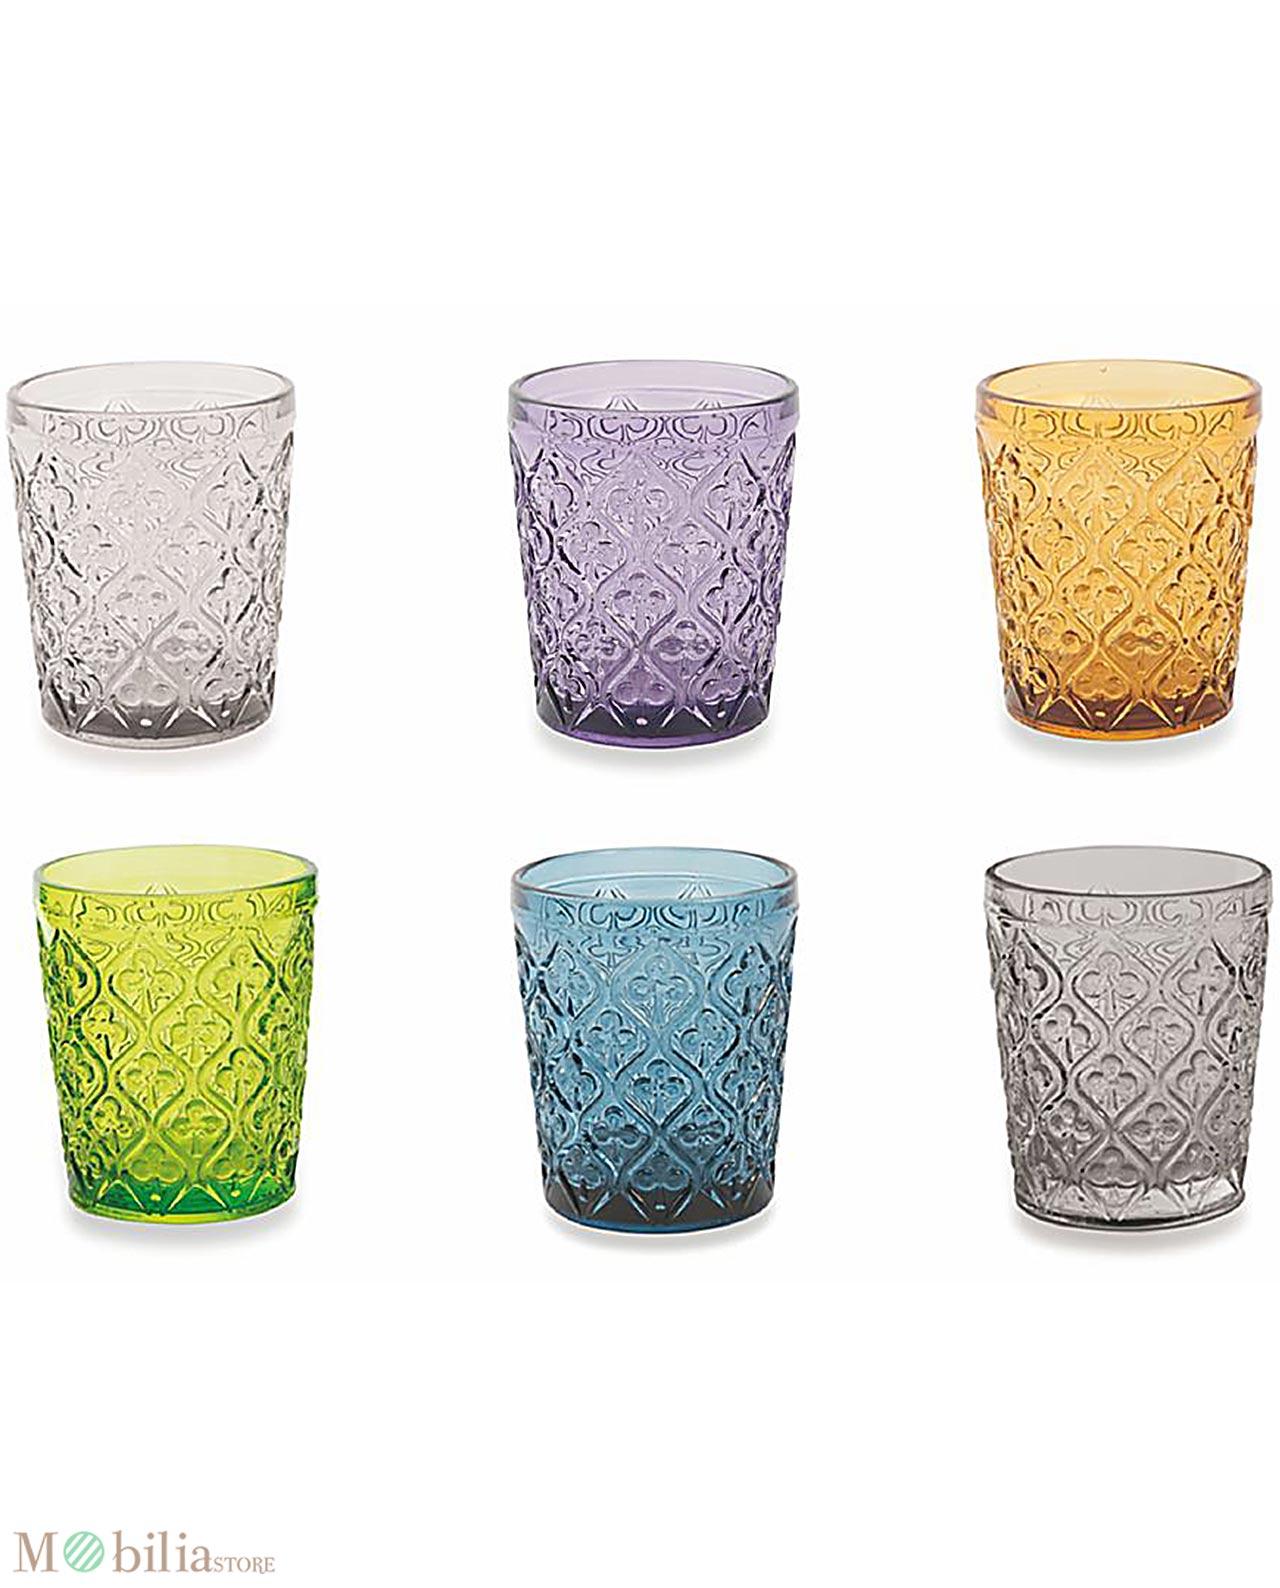 bicchieri per acqua colorati marrakech villa d 39 este